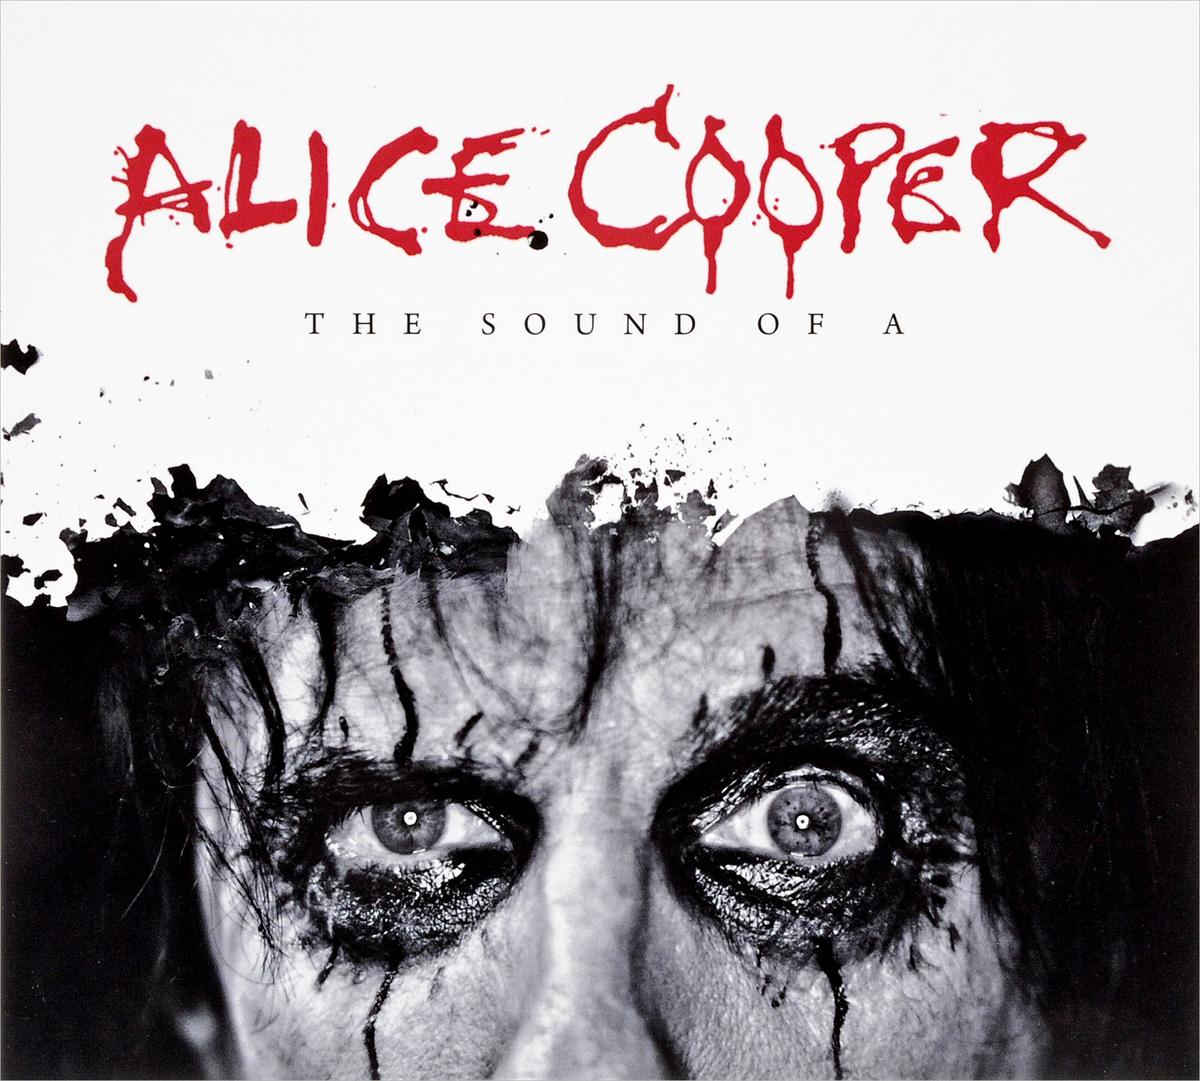 Элис Купер Alice Cooper. The Sound of A элис купер alice cooper killer lp